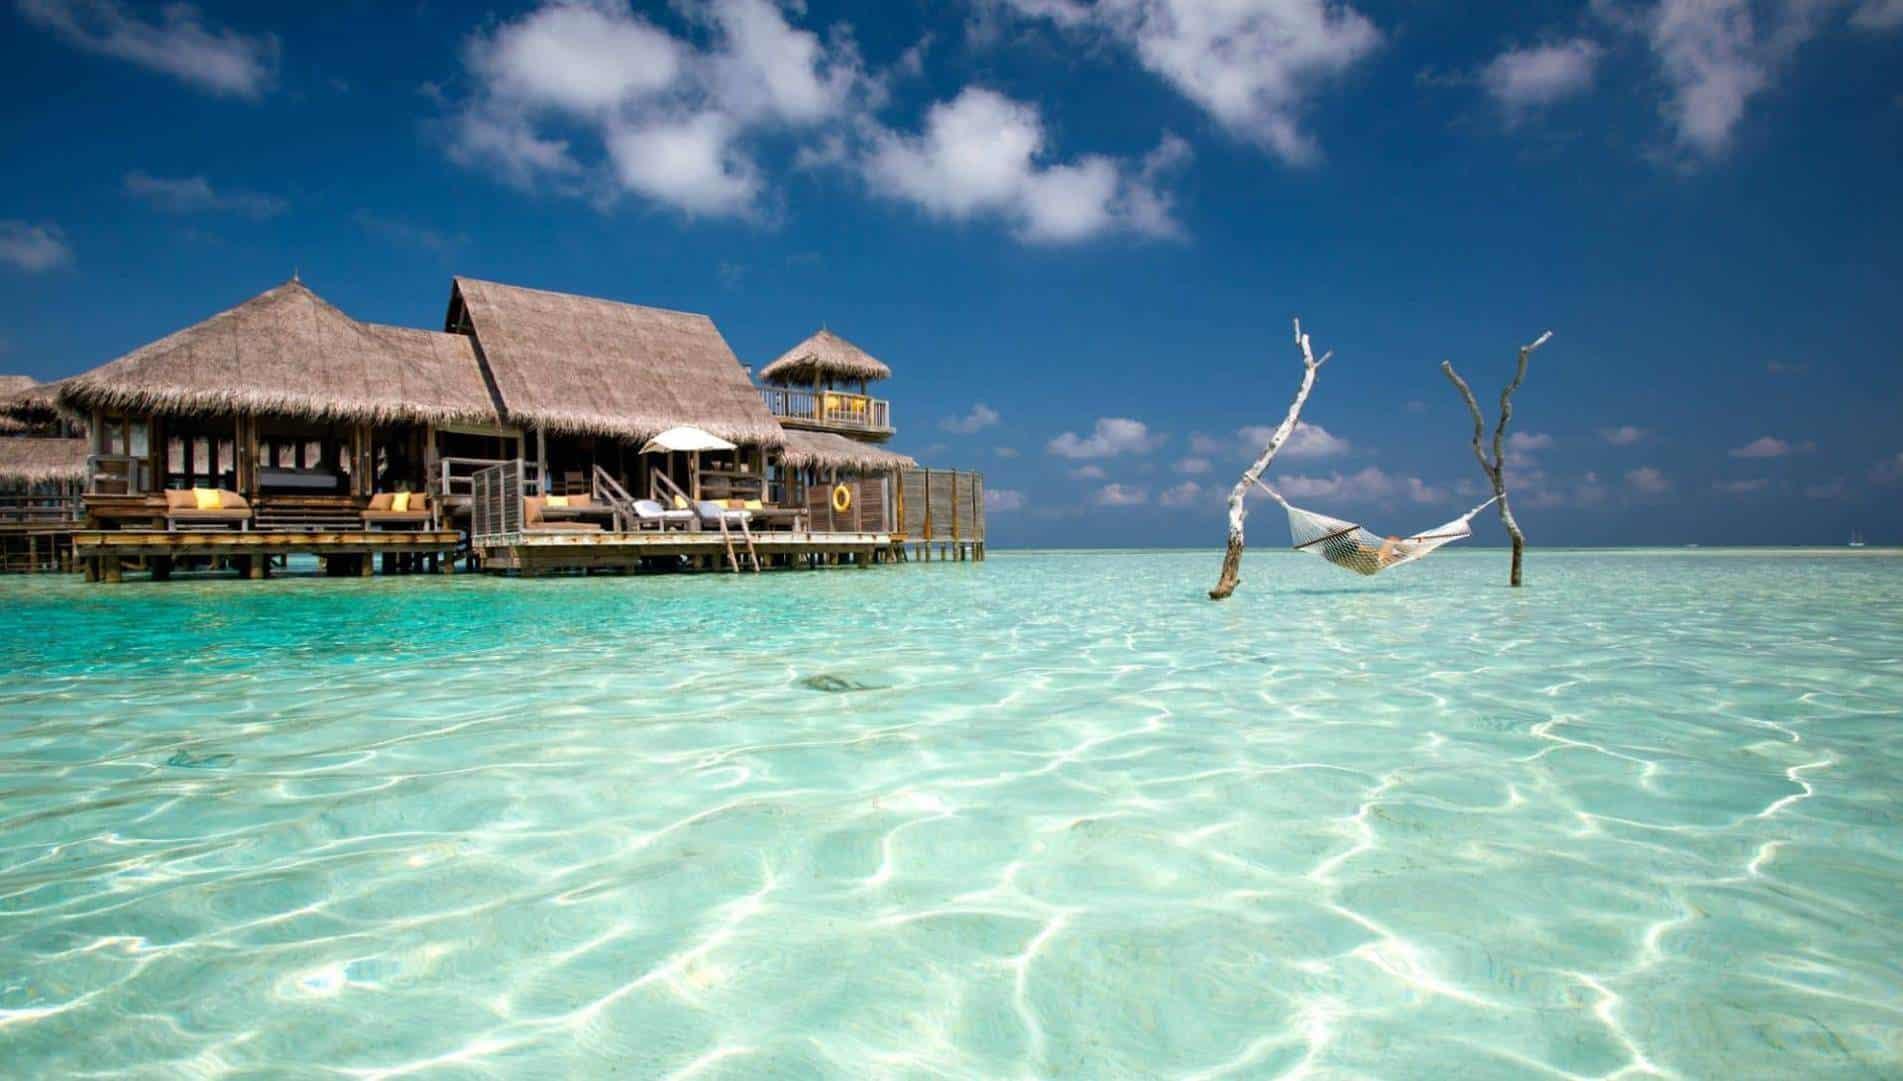 Gili Lankfanfushi Maldives